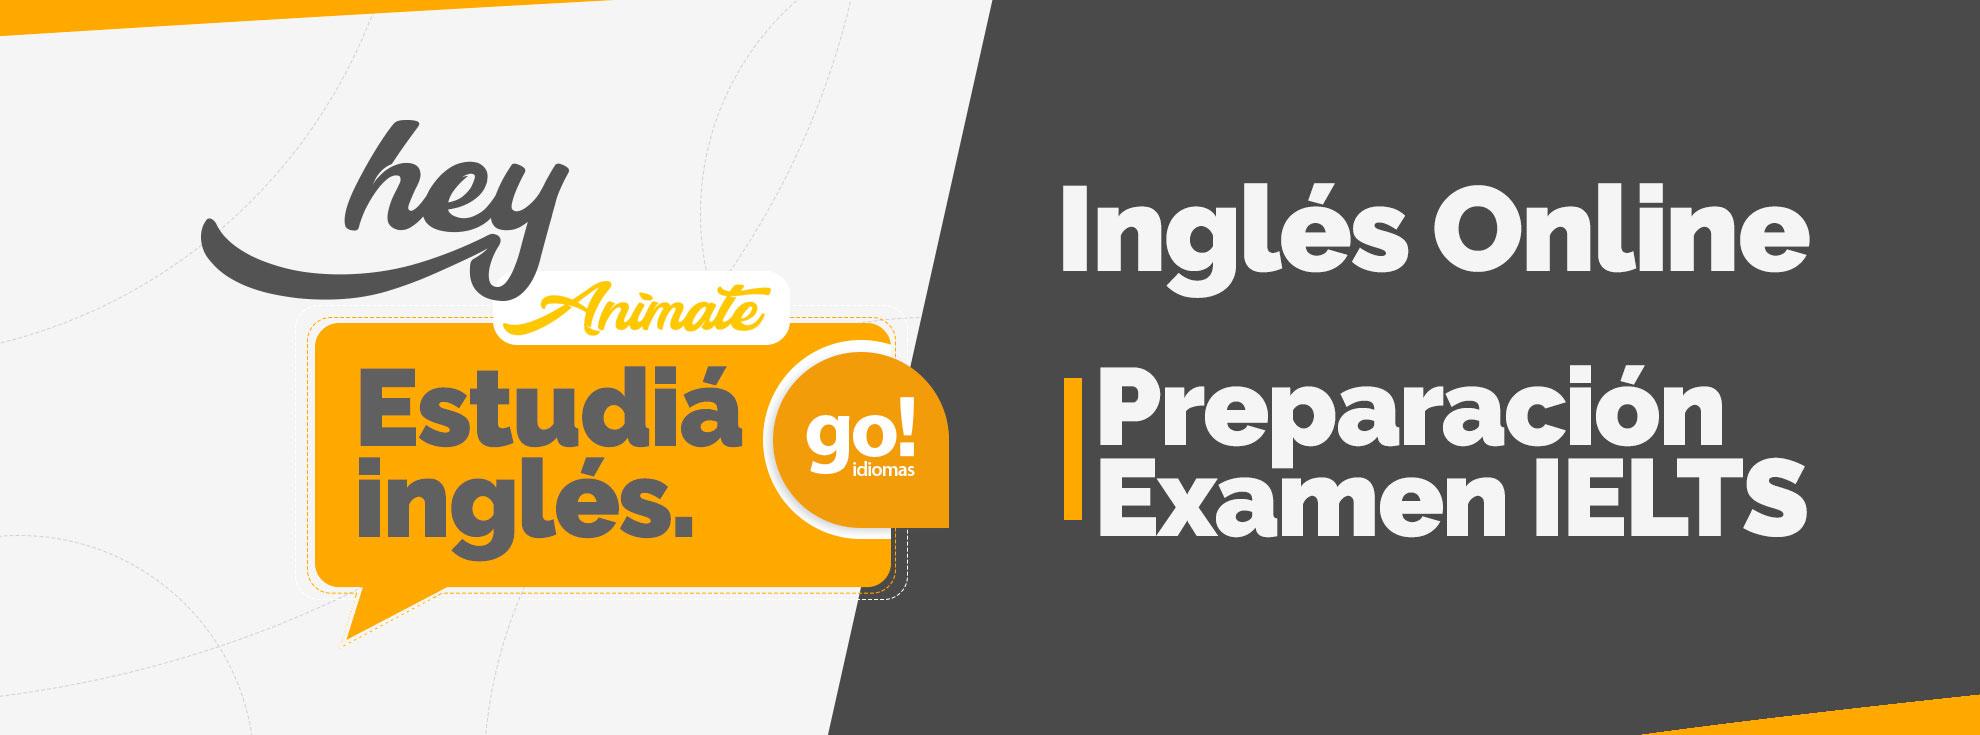 preparacion examen IELTS online